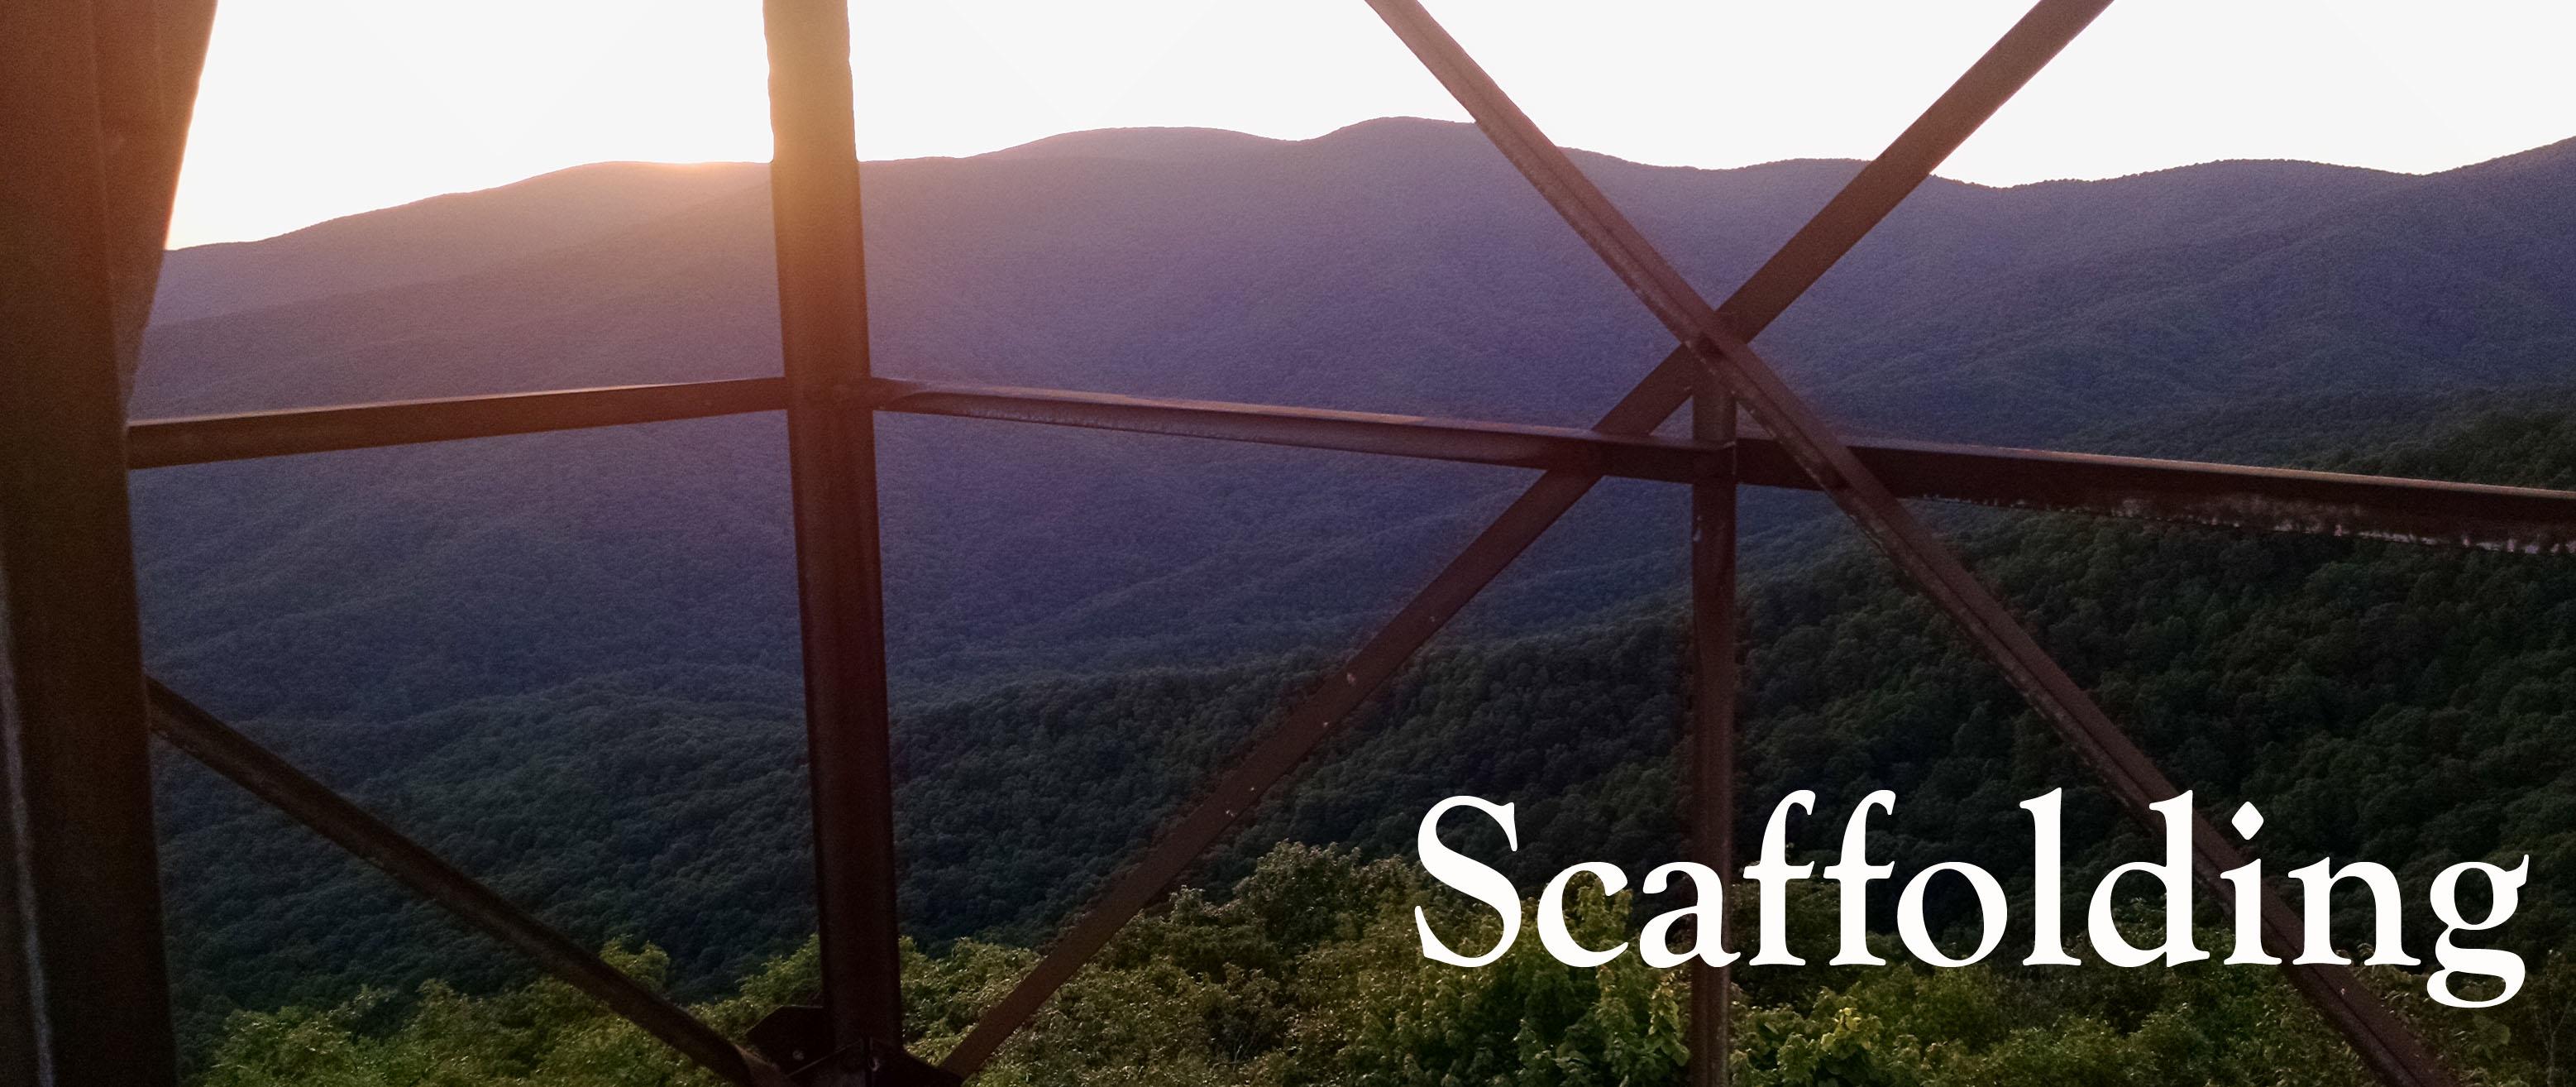 scaffold_dh